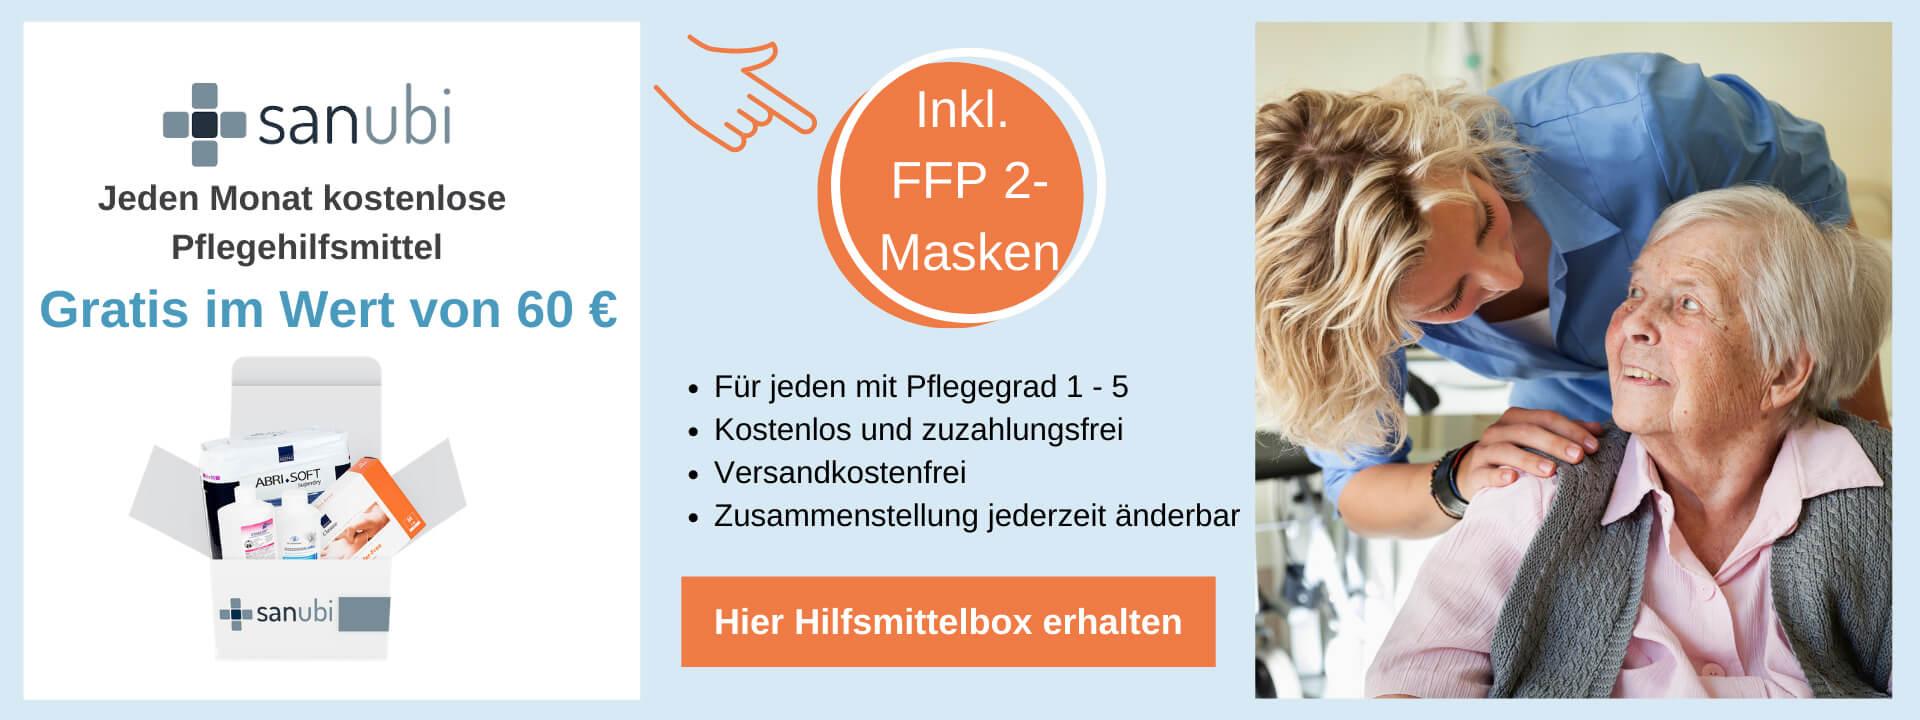 Zum Verbrauch bestimmte Pflegehilfsmittel für 60 Euro monatlich